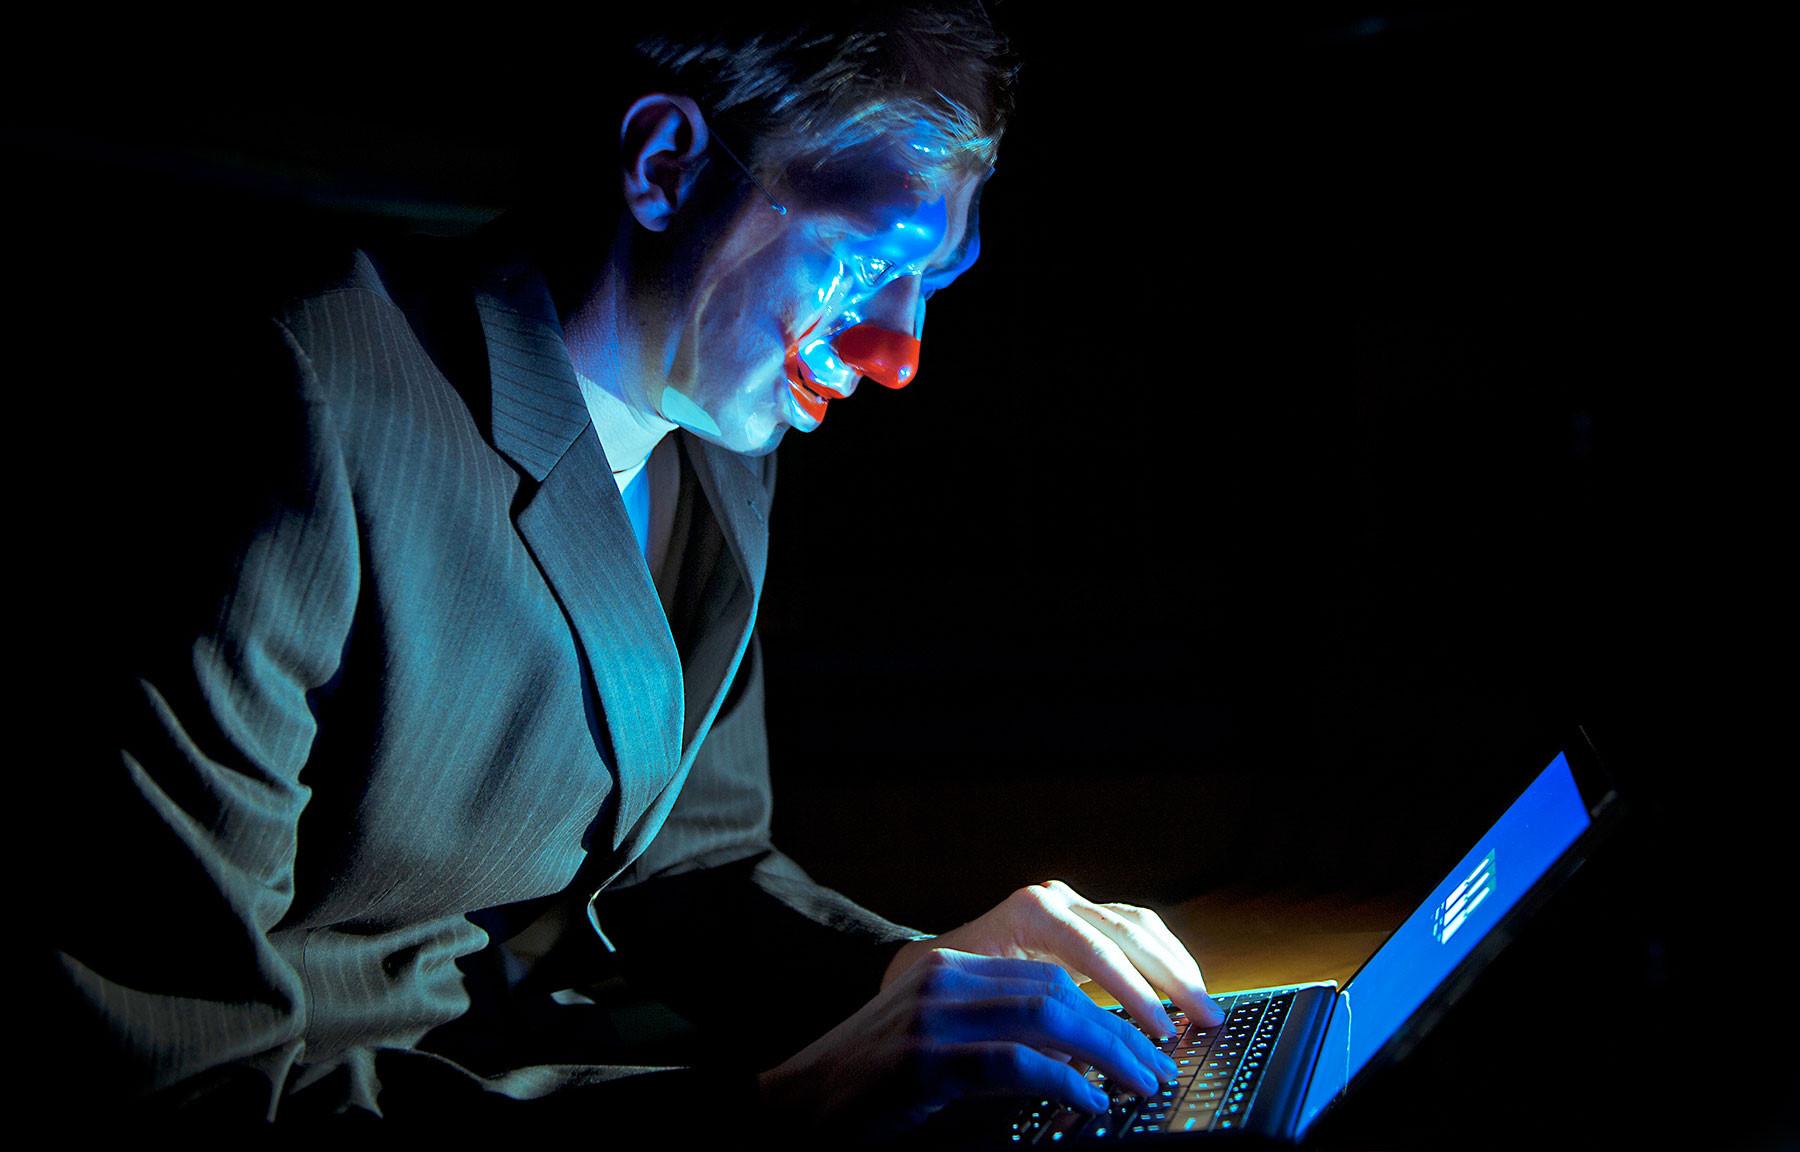 Chuyên gia bảo mật: 'Rò rỉ thông tin Thế Giới Di Động còn nhiều nghi vấn' Ảnh 2